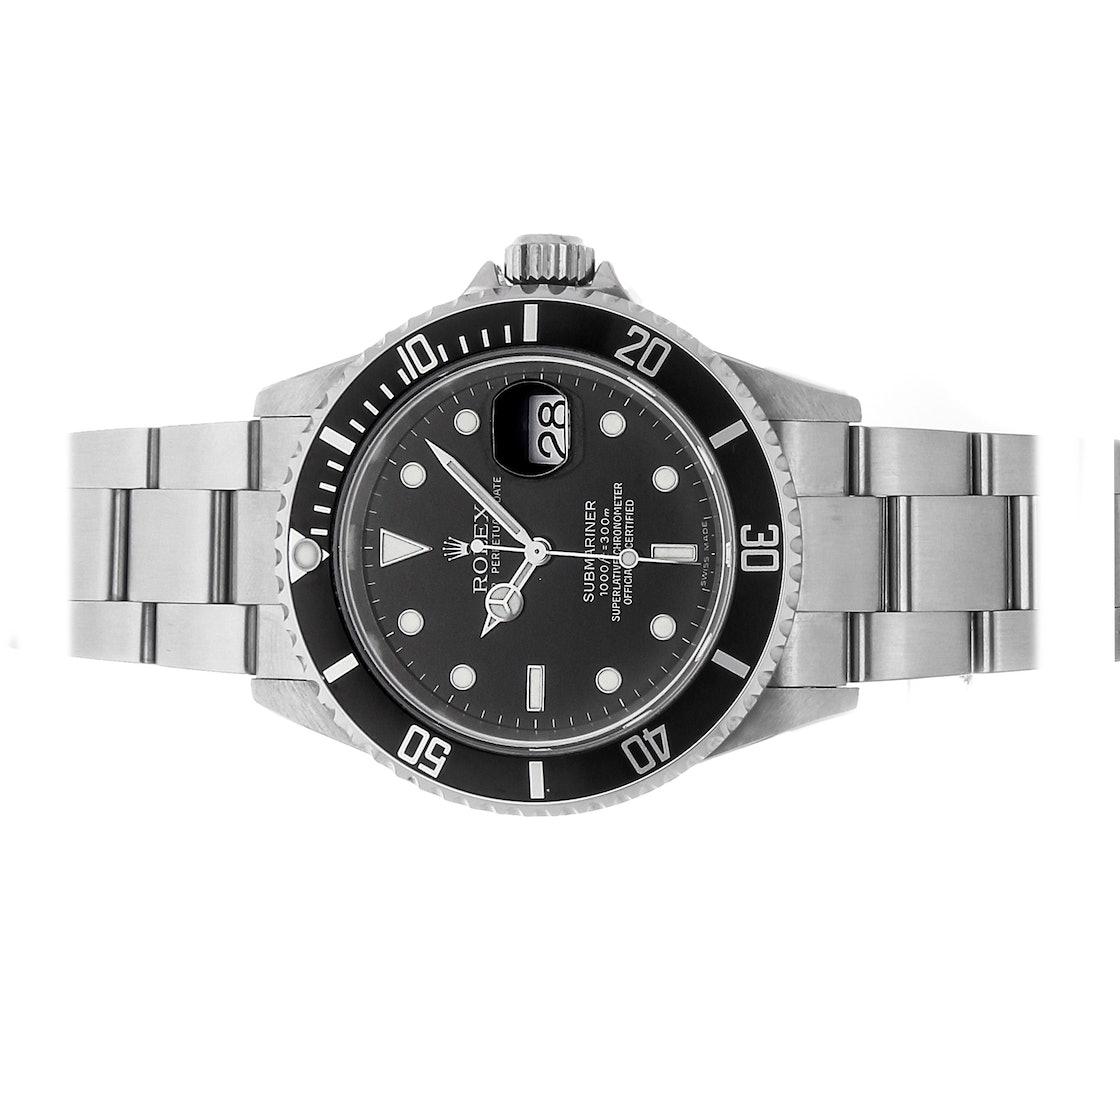 Rolex Submariner 16610